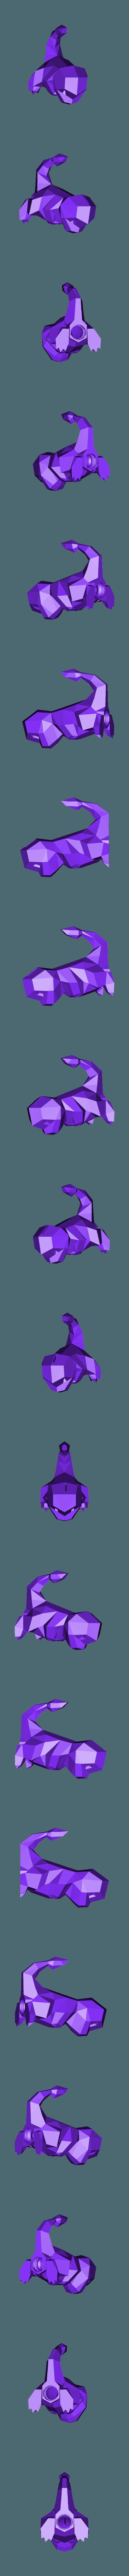 salameche_piggybank_v8.stl Télécharger fichier STL gratuit Tirelire à bas prix (design Flowalistik) • Modèle pour impression 3D, jp_math